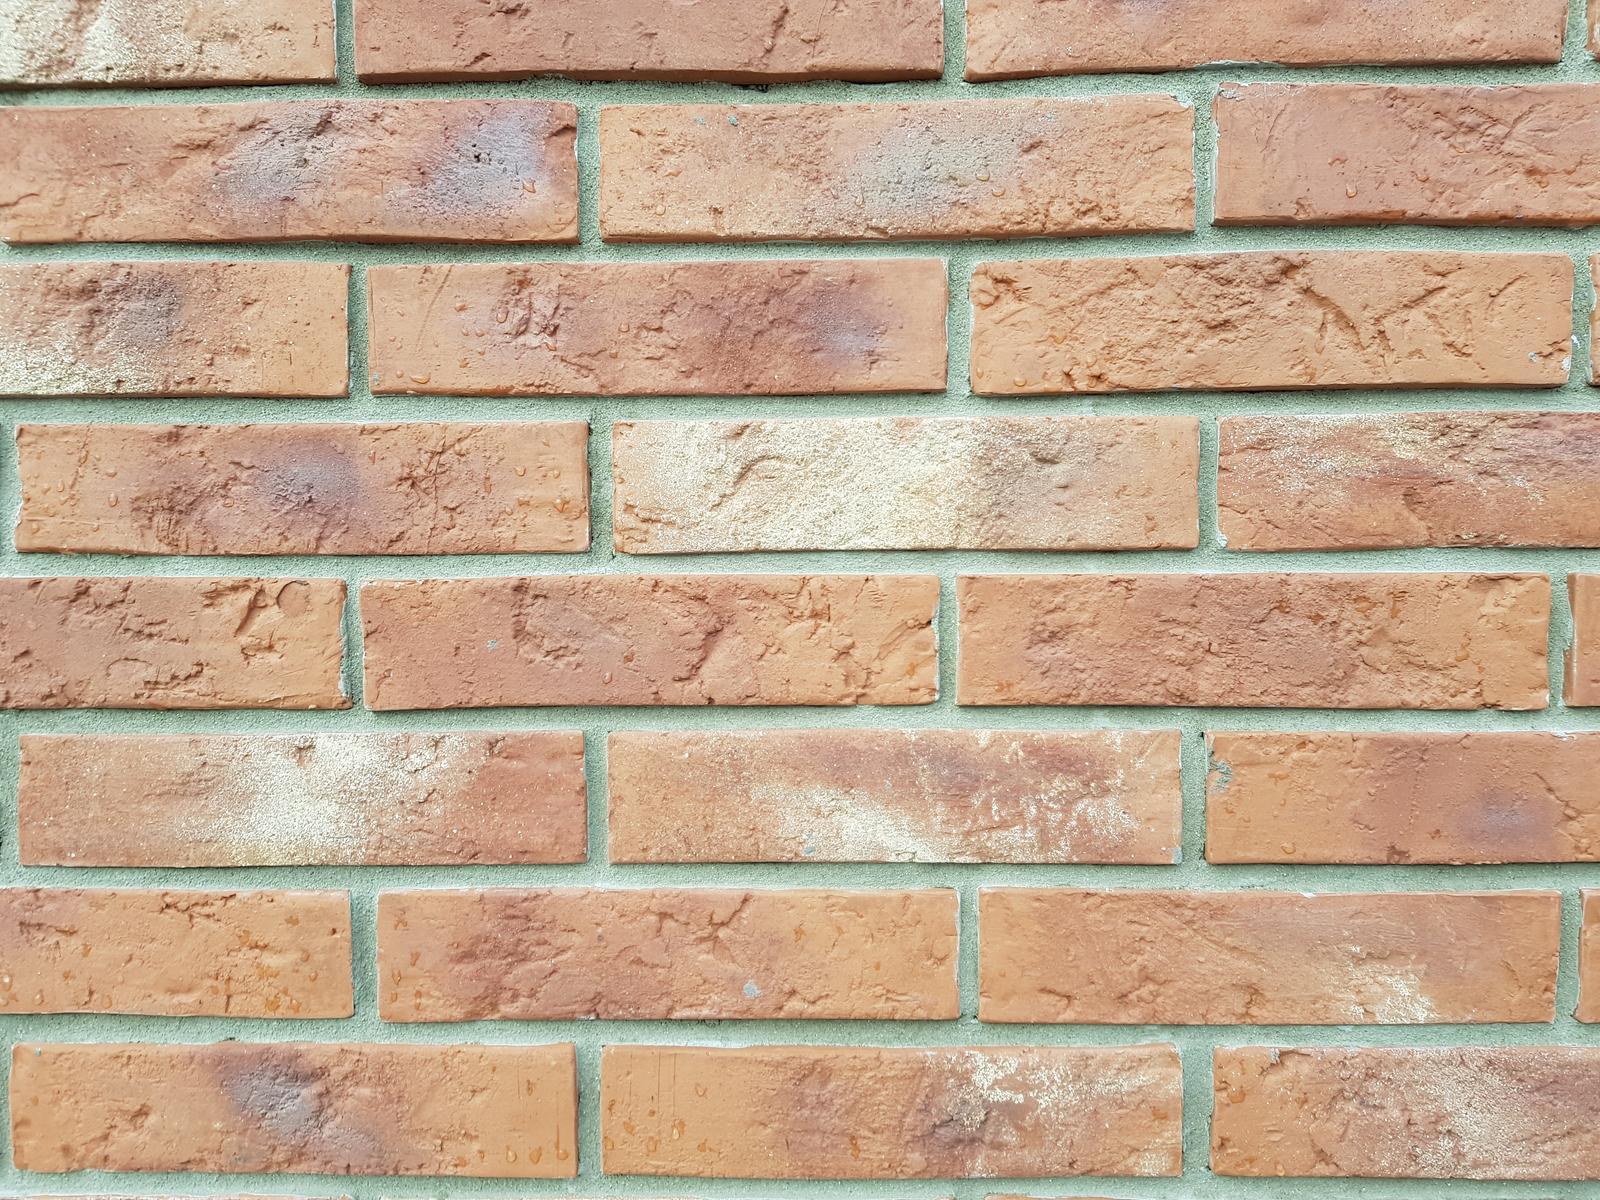 tehlové a  kamenné obklady  - REALIZACIE - tehlový obklad Red, cena 28 eur s DPH, ohladne zliav info osobne na predajni poprosíme